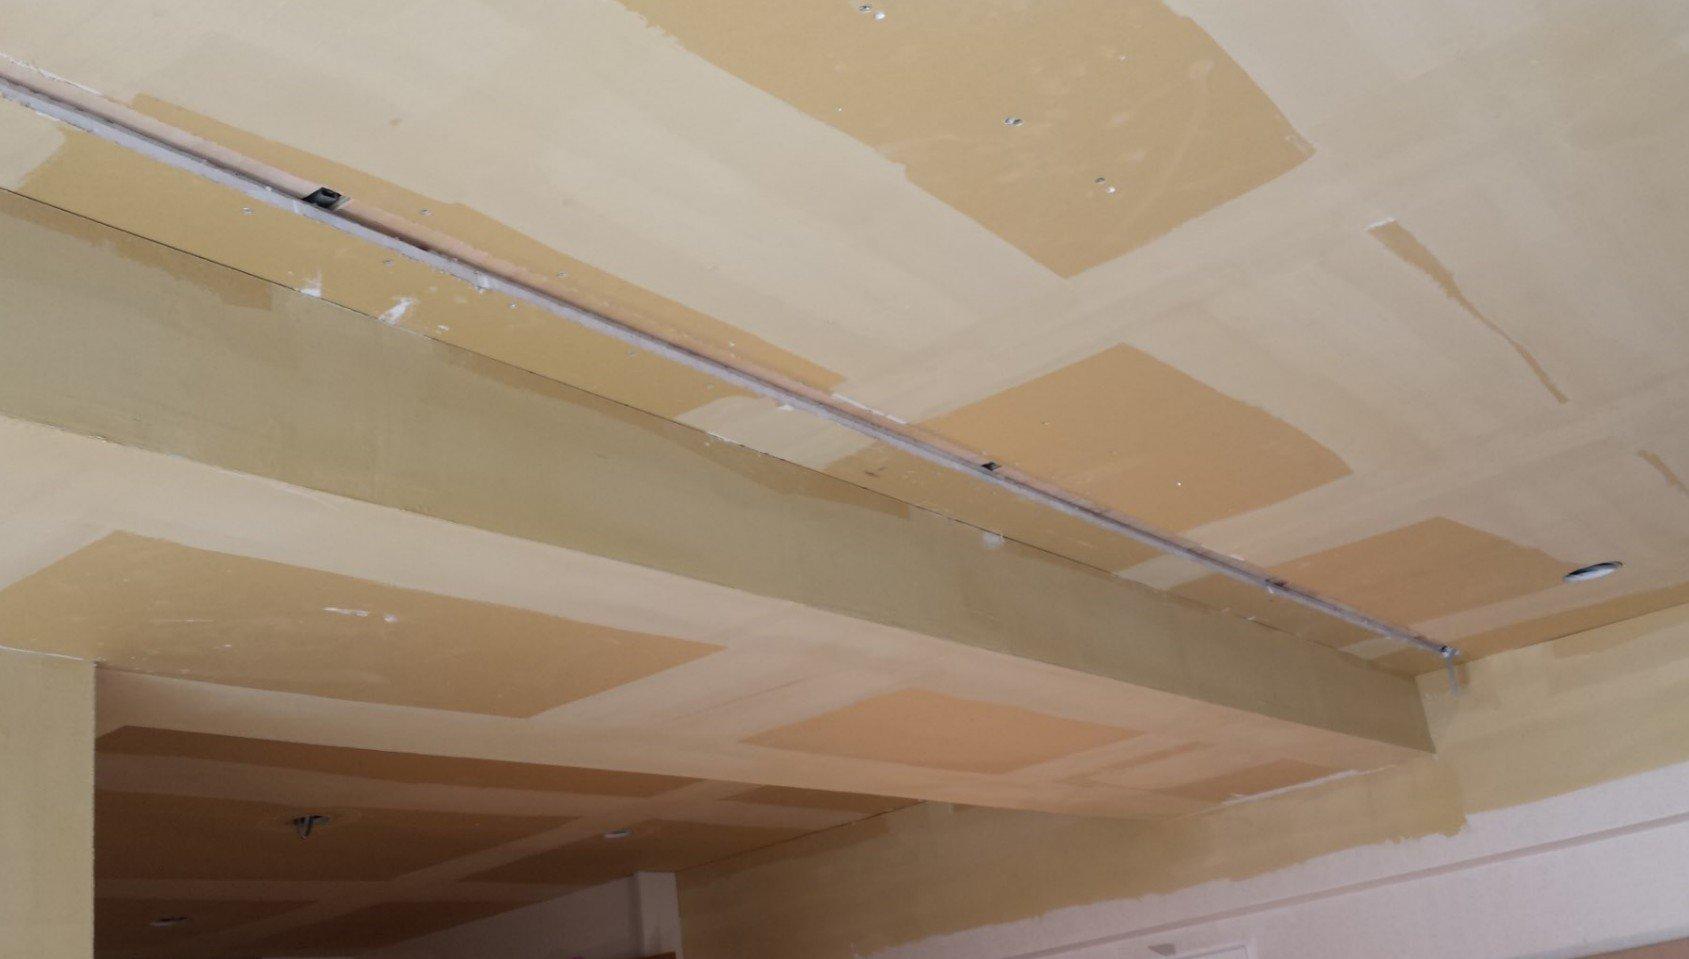 ライティングダクトレール用にブラスターボード(天井)にあとから溝彫り作業を行って頂きました。